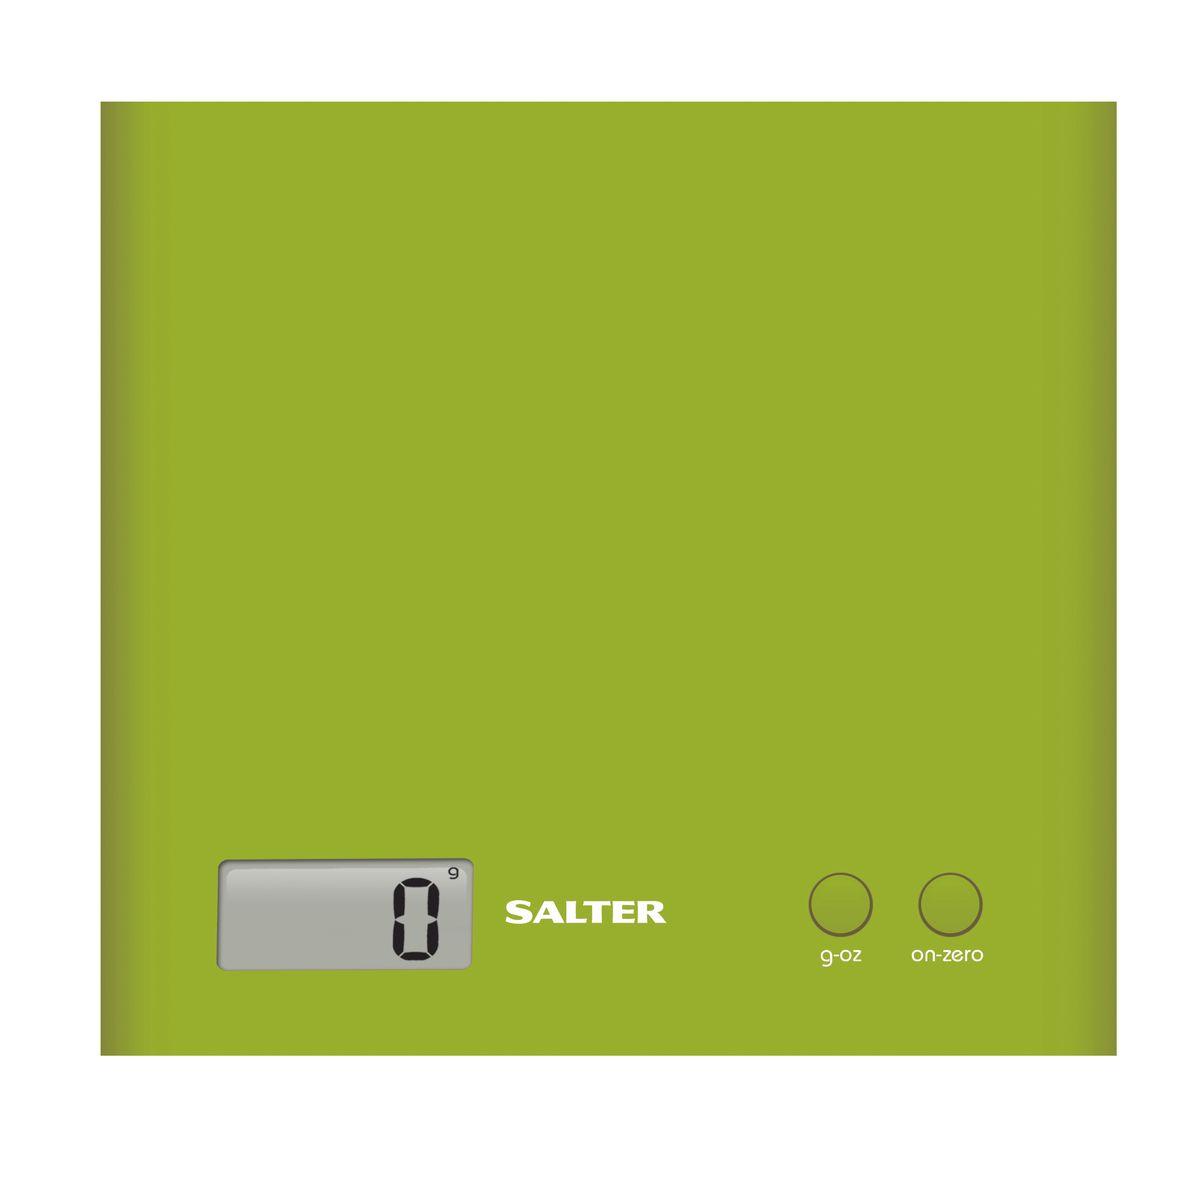 Salter 1066 GNDR кухонные весы1066 GNDRЭлектронные кухонные весы Salter 1066 GNDR. Функция - добавь и взвешивай - позволяет взвешивать различные ингредиенты в одной емкости. Режим переключения между метрической и имперской системой измерения. Компактный, тонкий и современный дизайн.